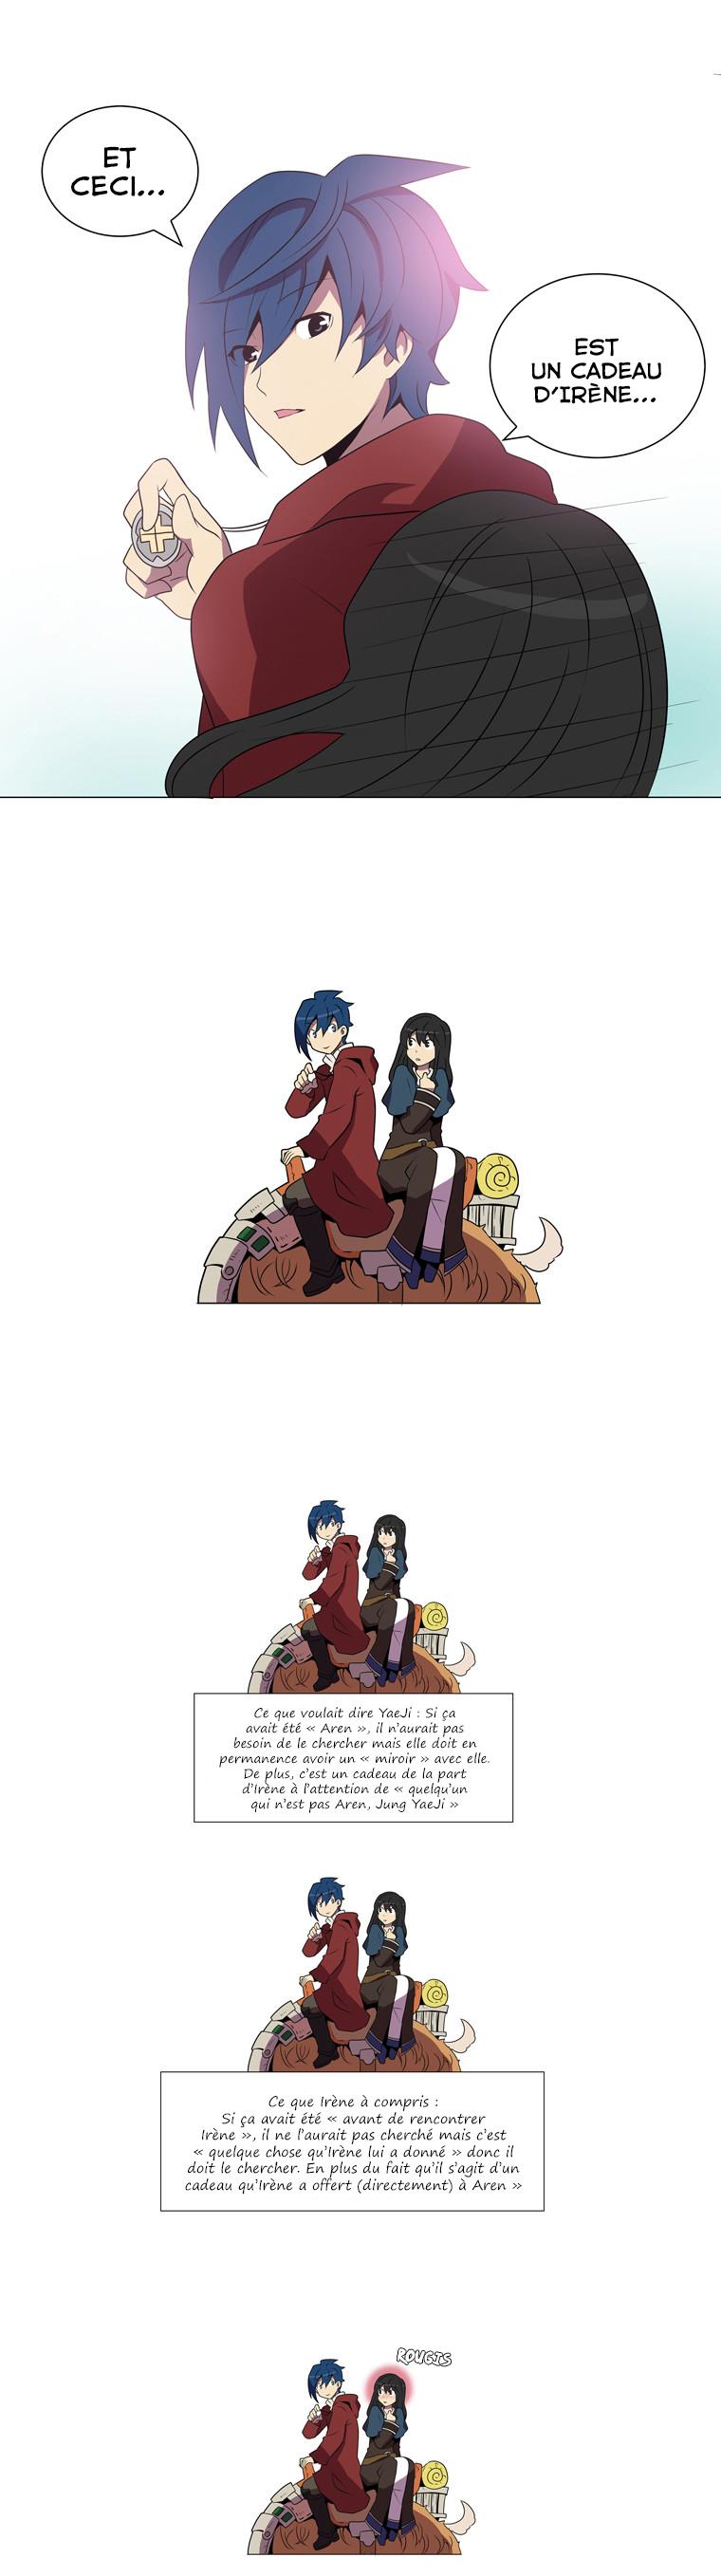 https://nine.mangadogs.com/fr_manga/pic1/5/2053/74643/LimeOdyssey9VF_0_956.jpg Page 1